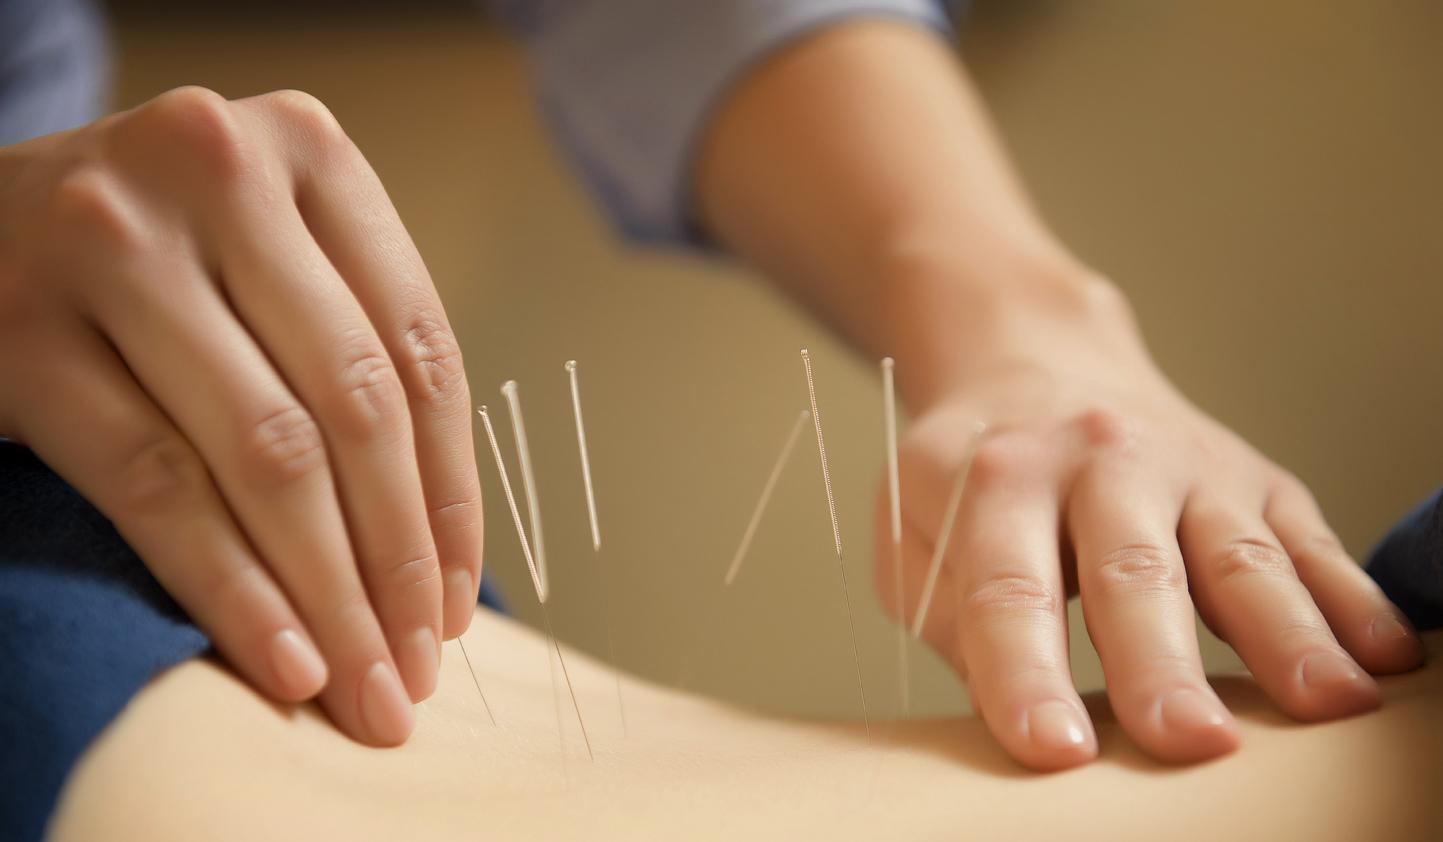 image of dry needling for lower back pain